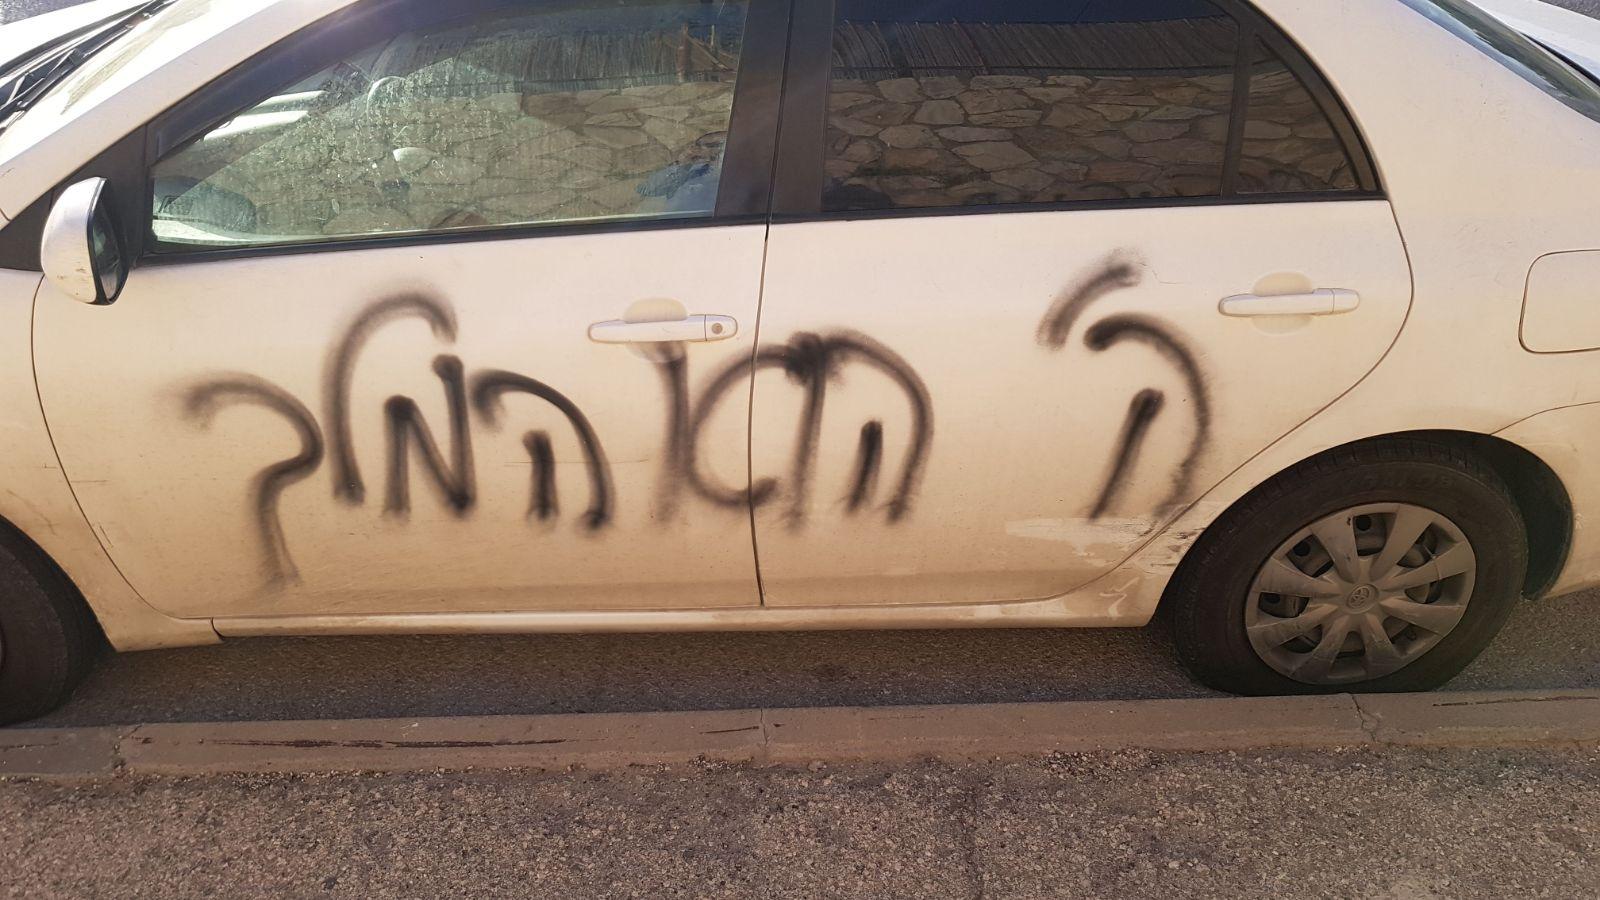 כתובות נאצה בירושלים